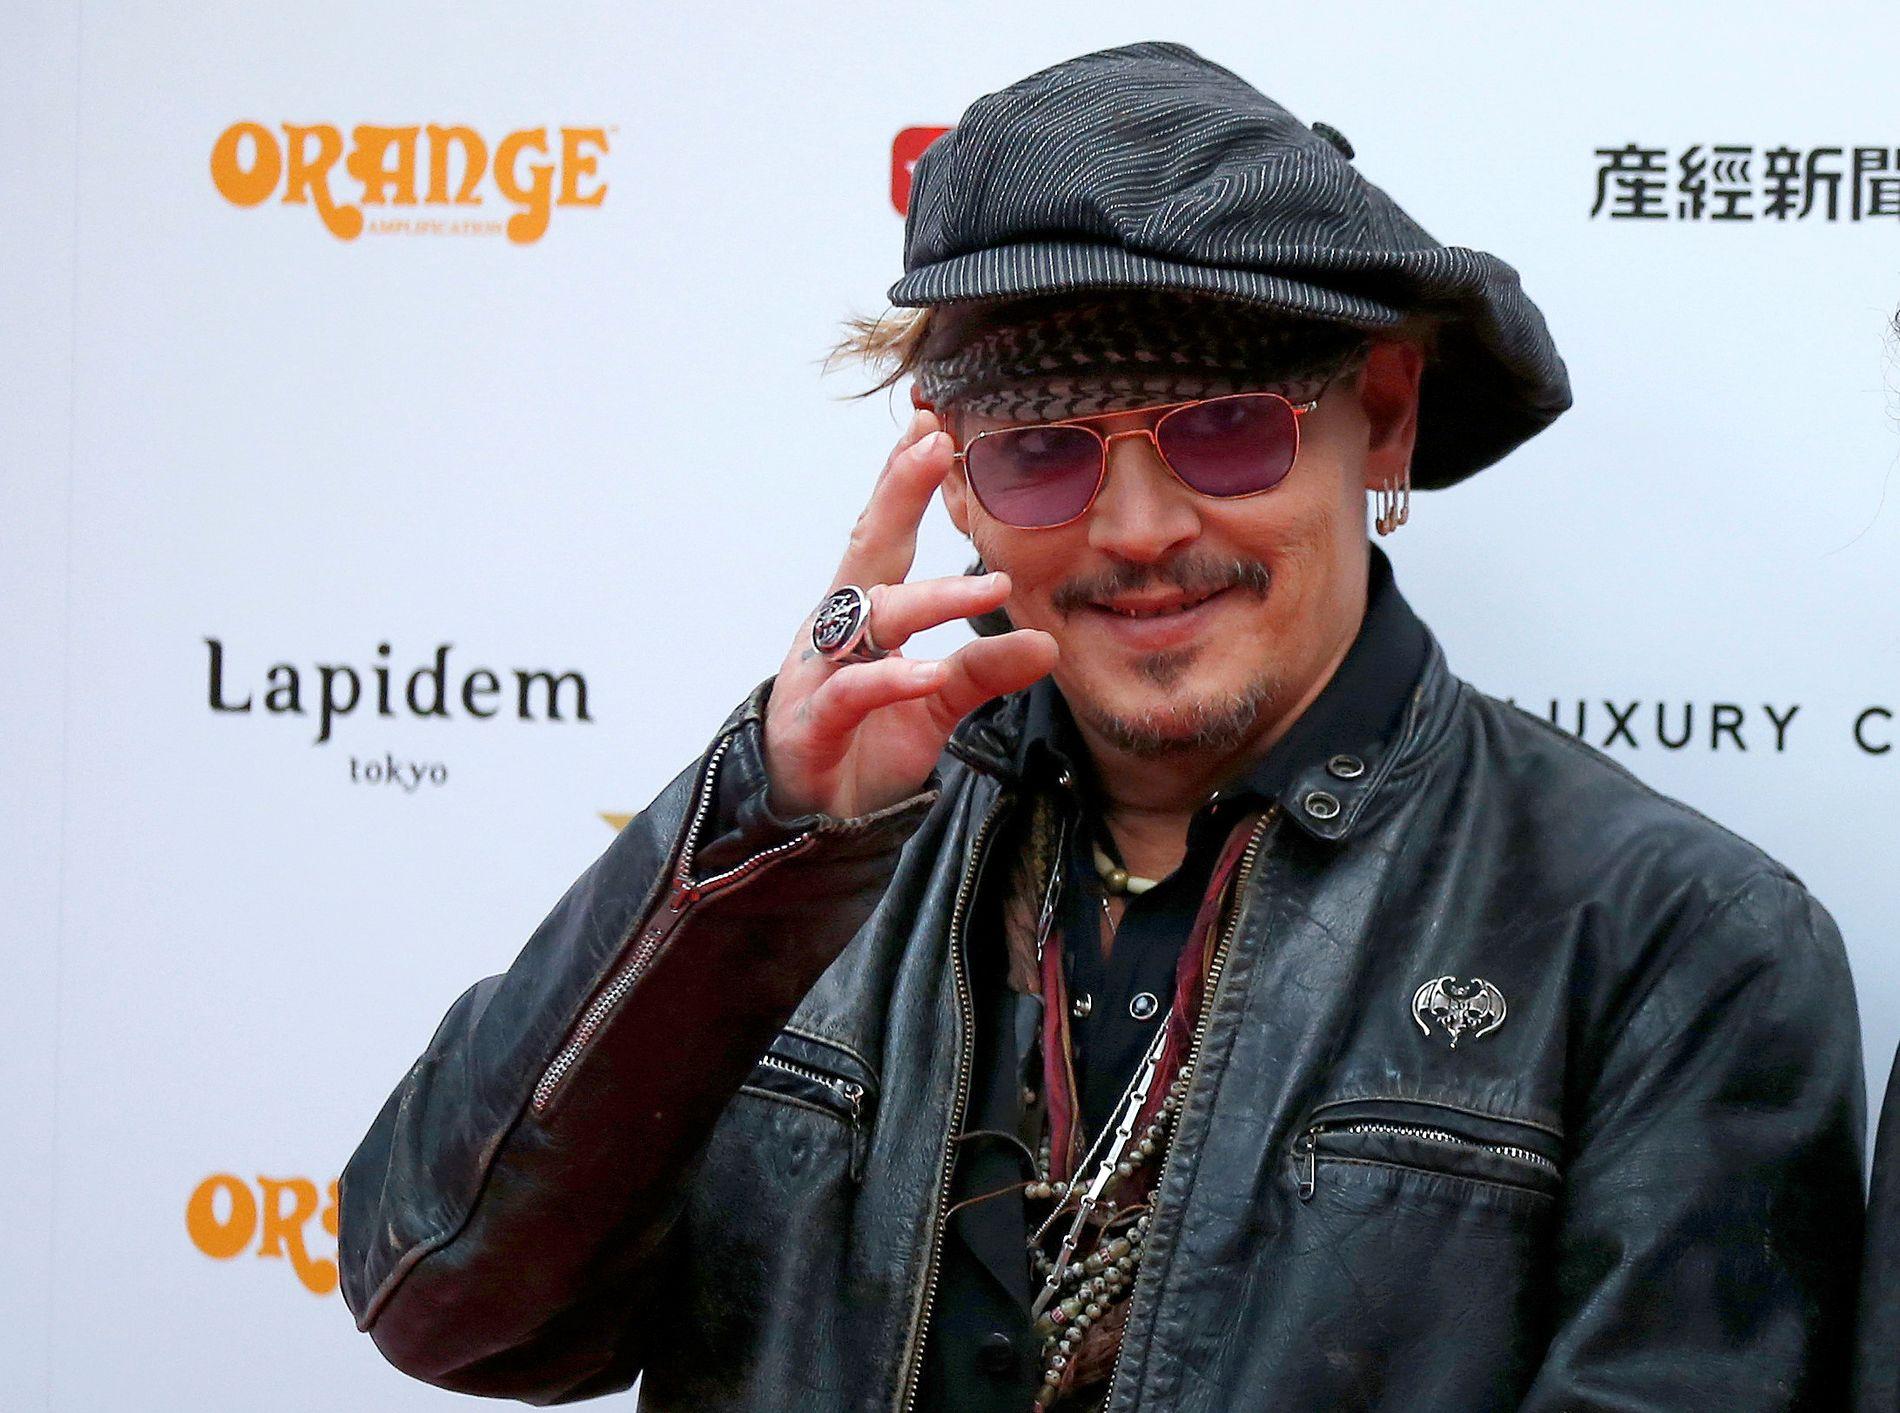 SØKSMÅL OG MOTSØKSMÅL: Først saksøkte Johnny Depp manageren sin for å ha underslag i størrelsesorden 200 millioner kroner. Nå har manageren kommet med et motsøksmål og anklager Depp for å ha en økonomi fullstendig ute av kontroll.